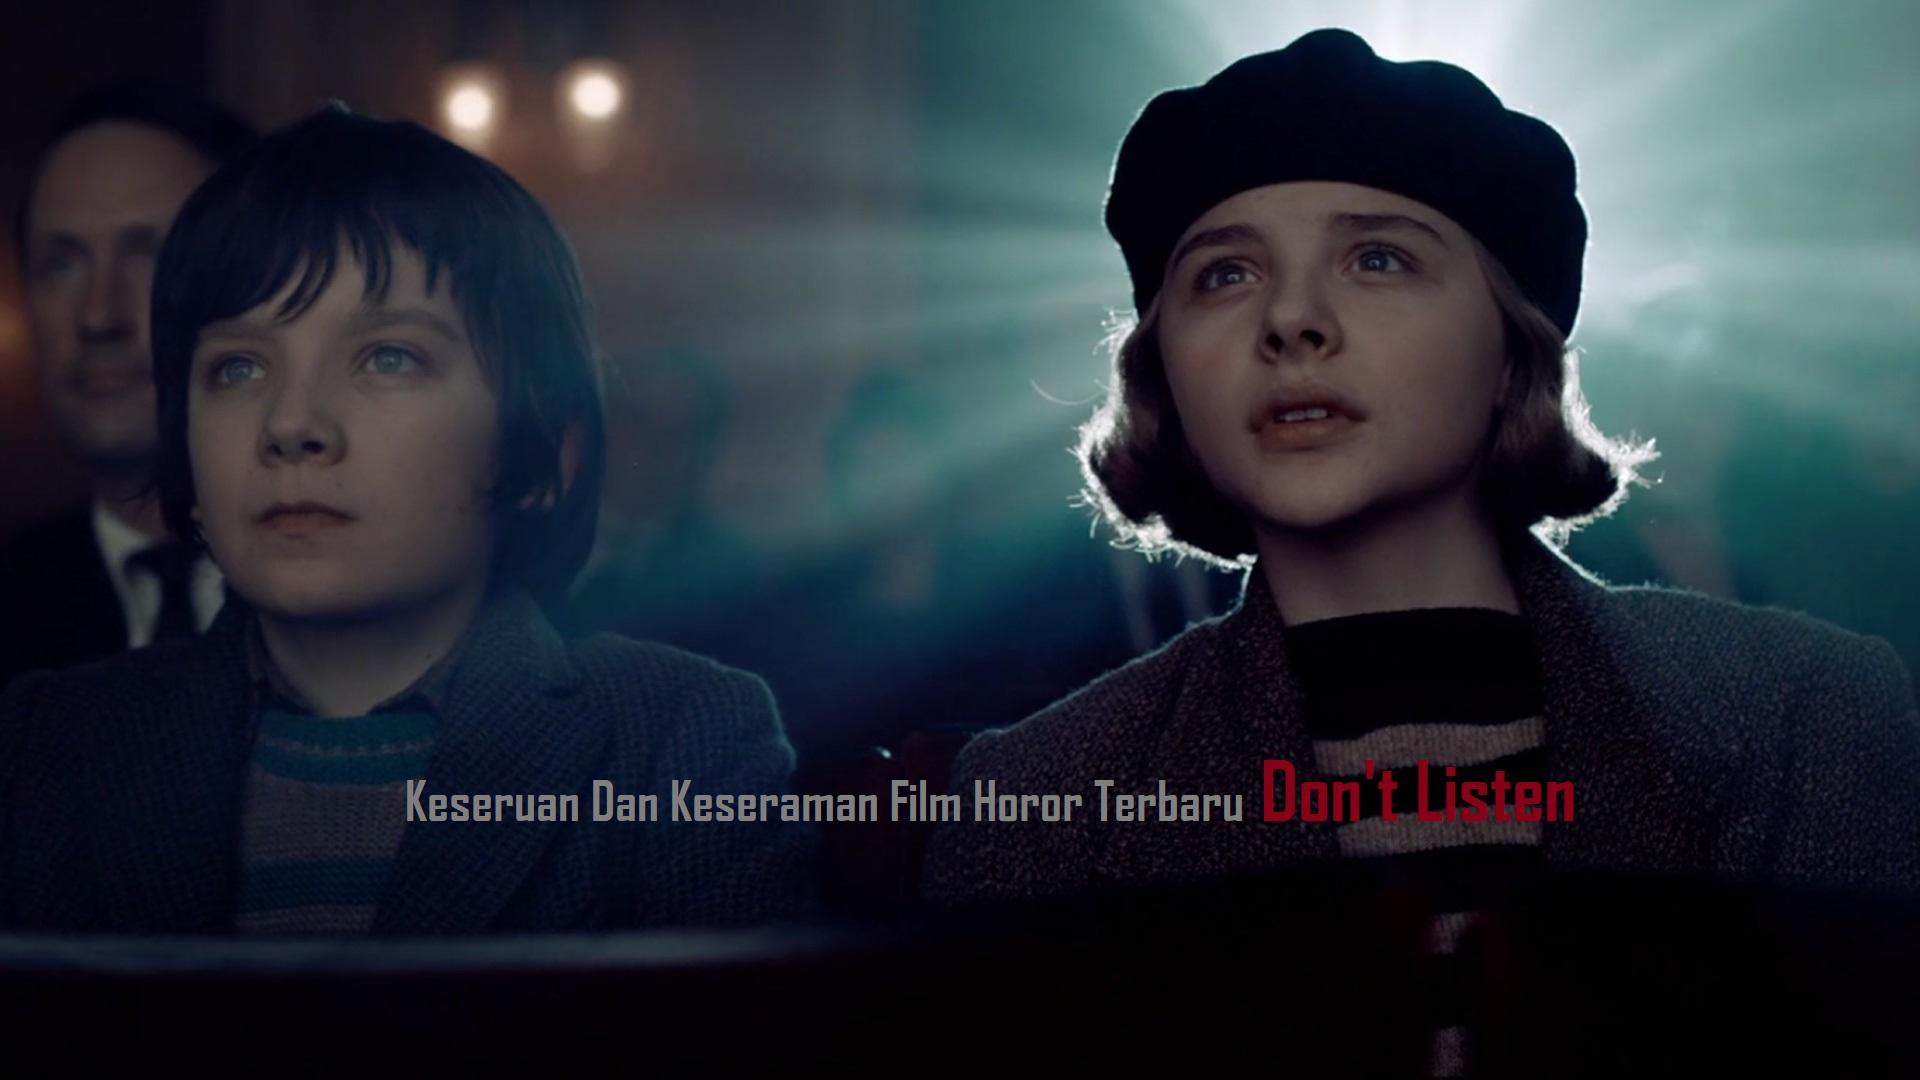 Keseruan Dan Keseraman Film Horor Terbaru Don't Listen